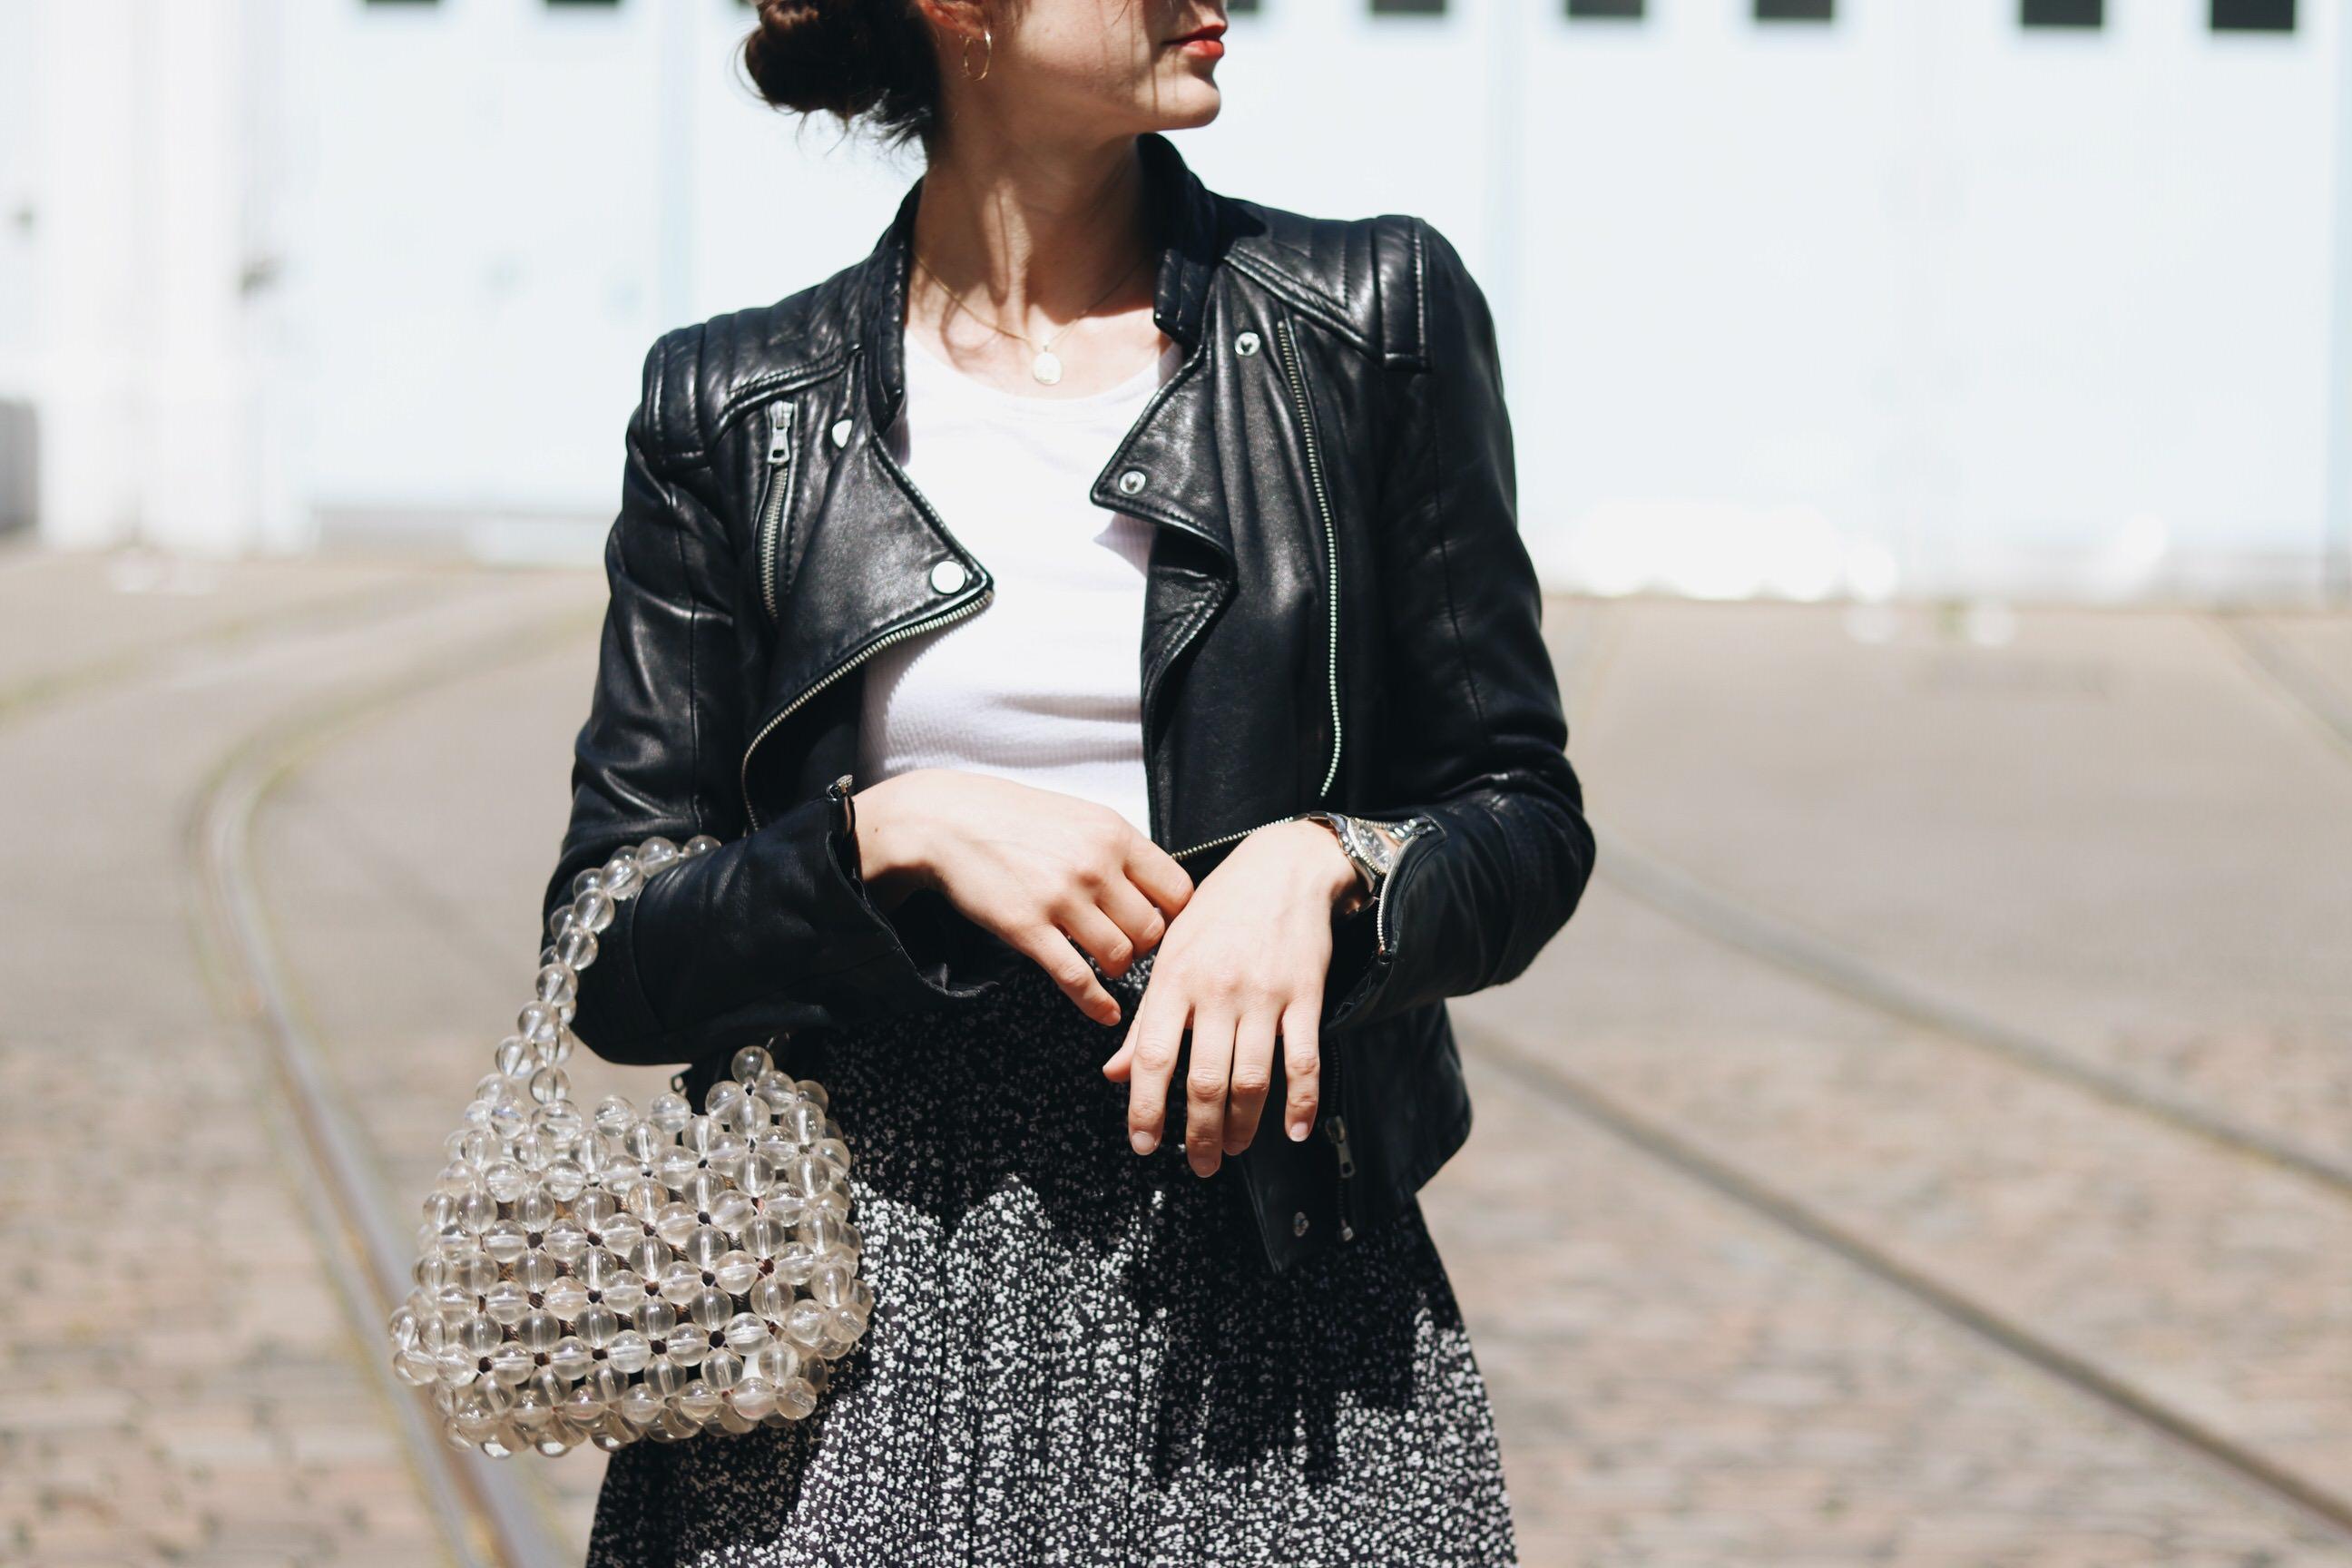 Perlentasche Blumenmuster Midirock French Chic Kleid